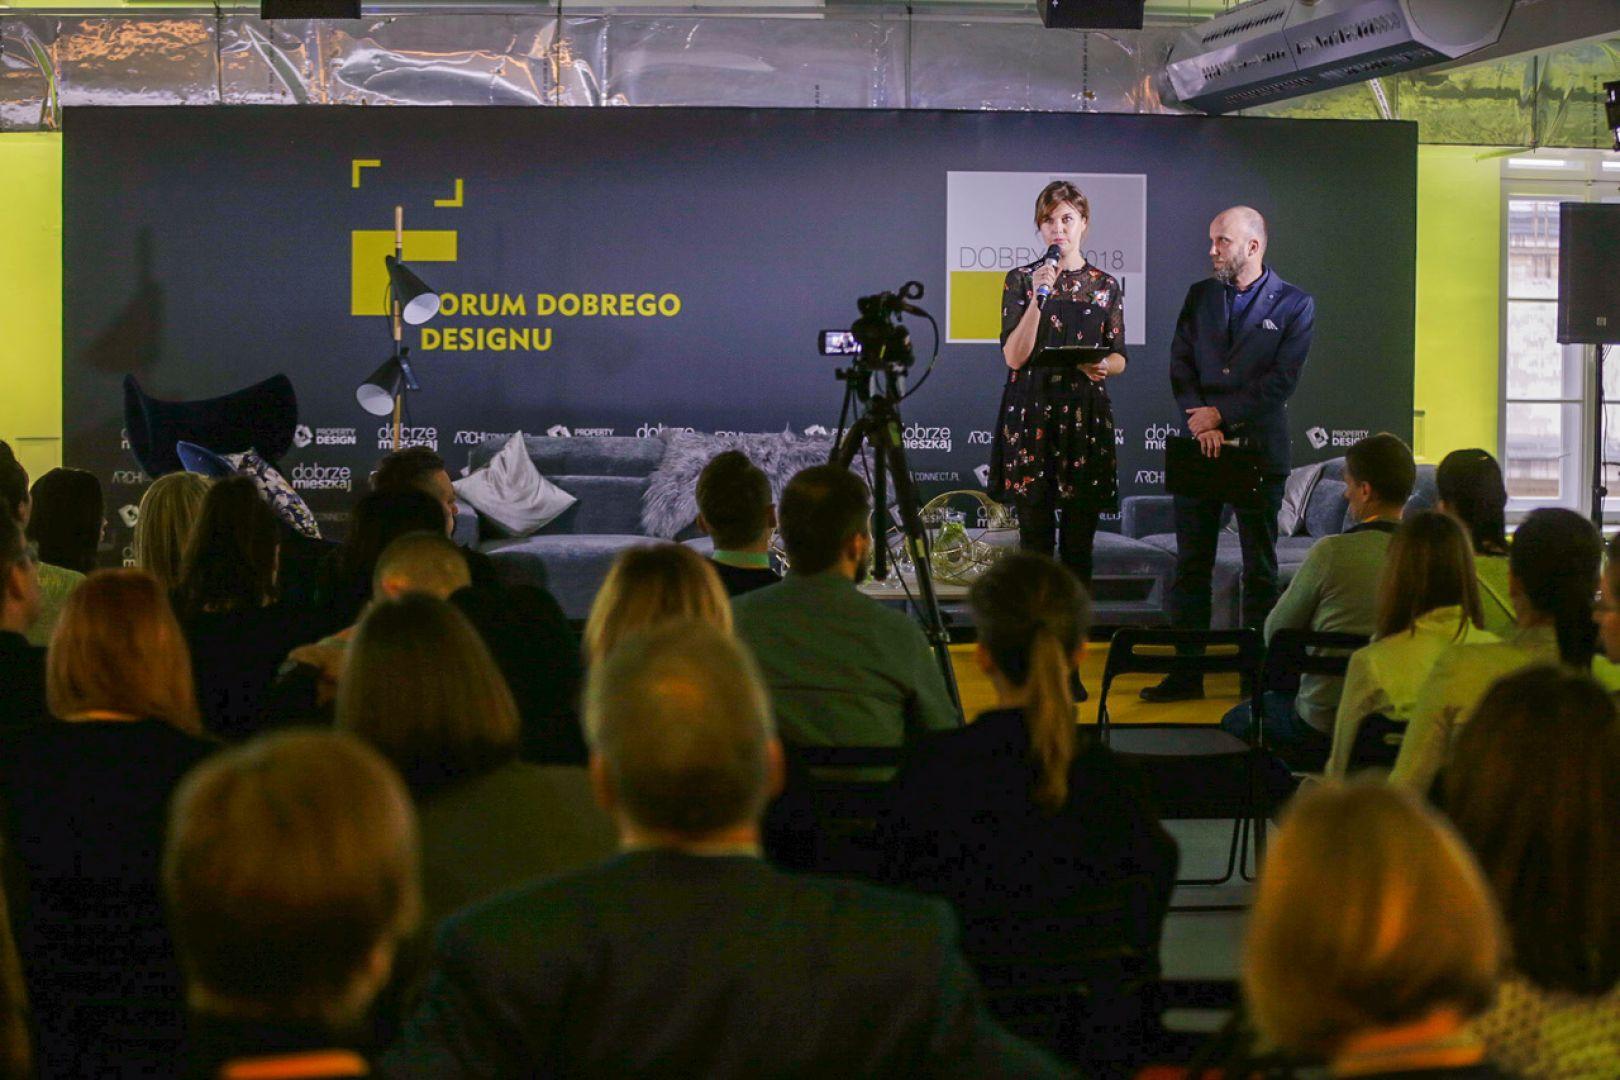 Inauguracja Forum Dobrego Designu: Małgorzata Burzec-Lewandowska i Robert Posytek. Fot. Piotr Waniorek